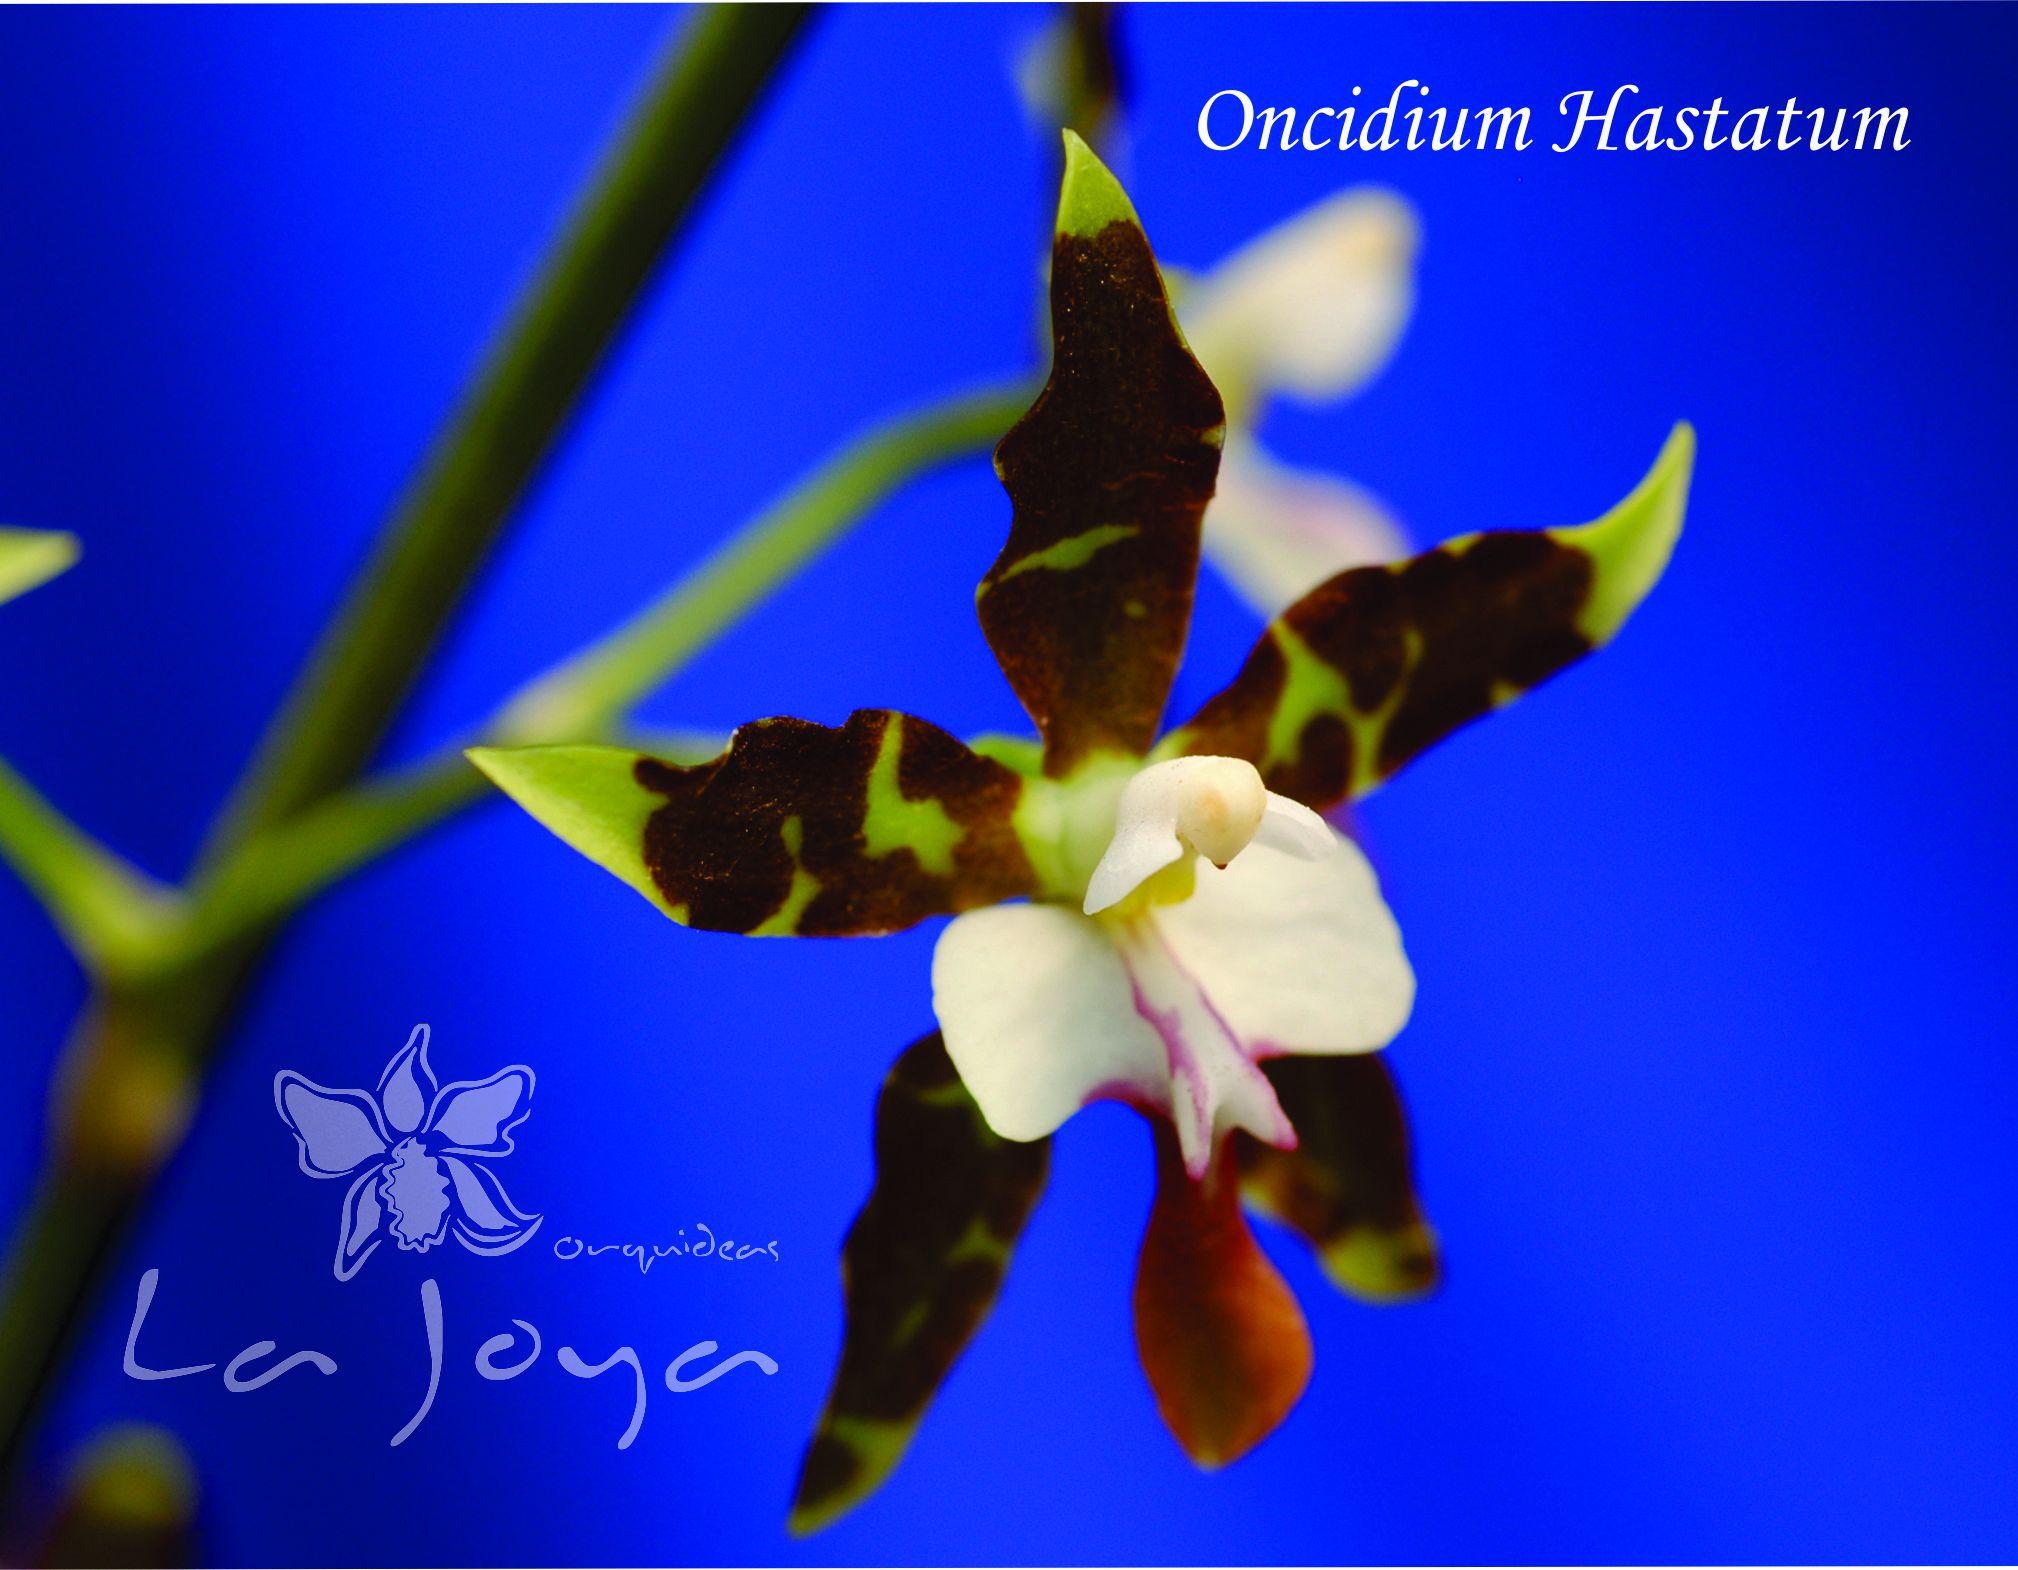 Oncidium Hastatum